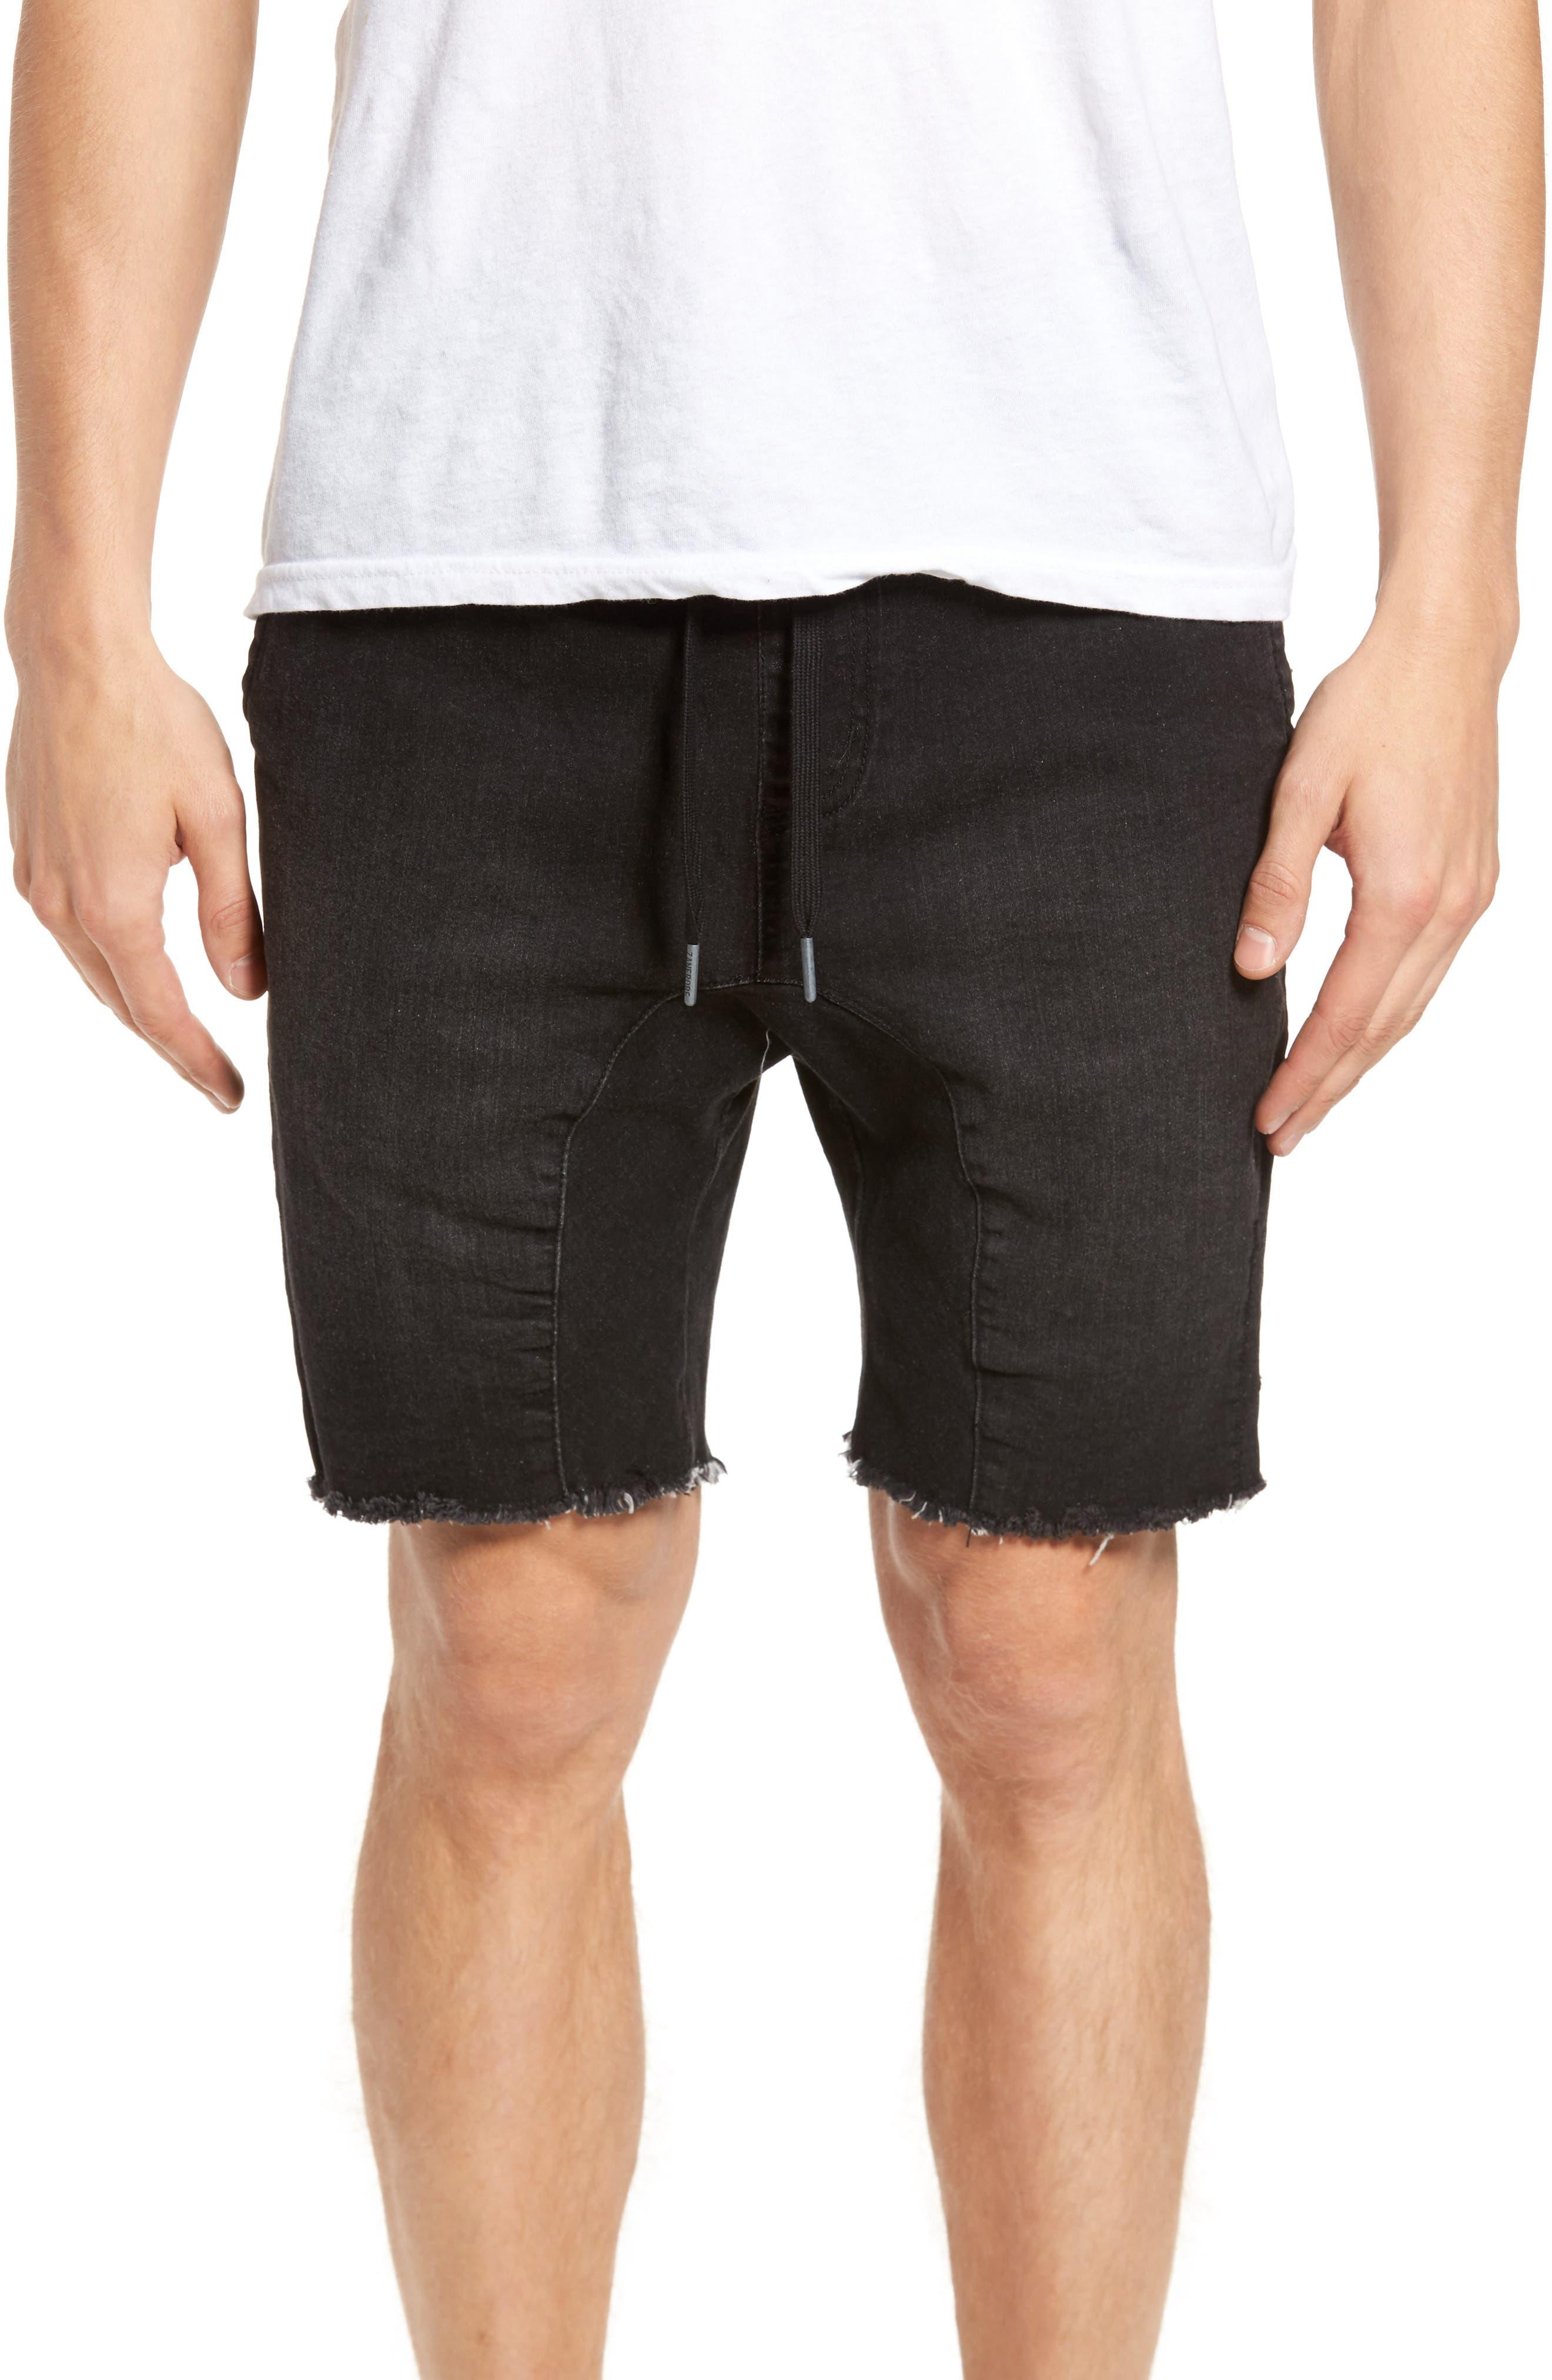 Sureshot Chino Shorts,                             Main thumbnail 1, color,                             001